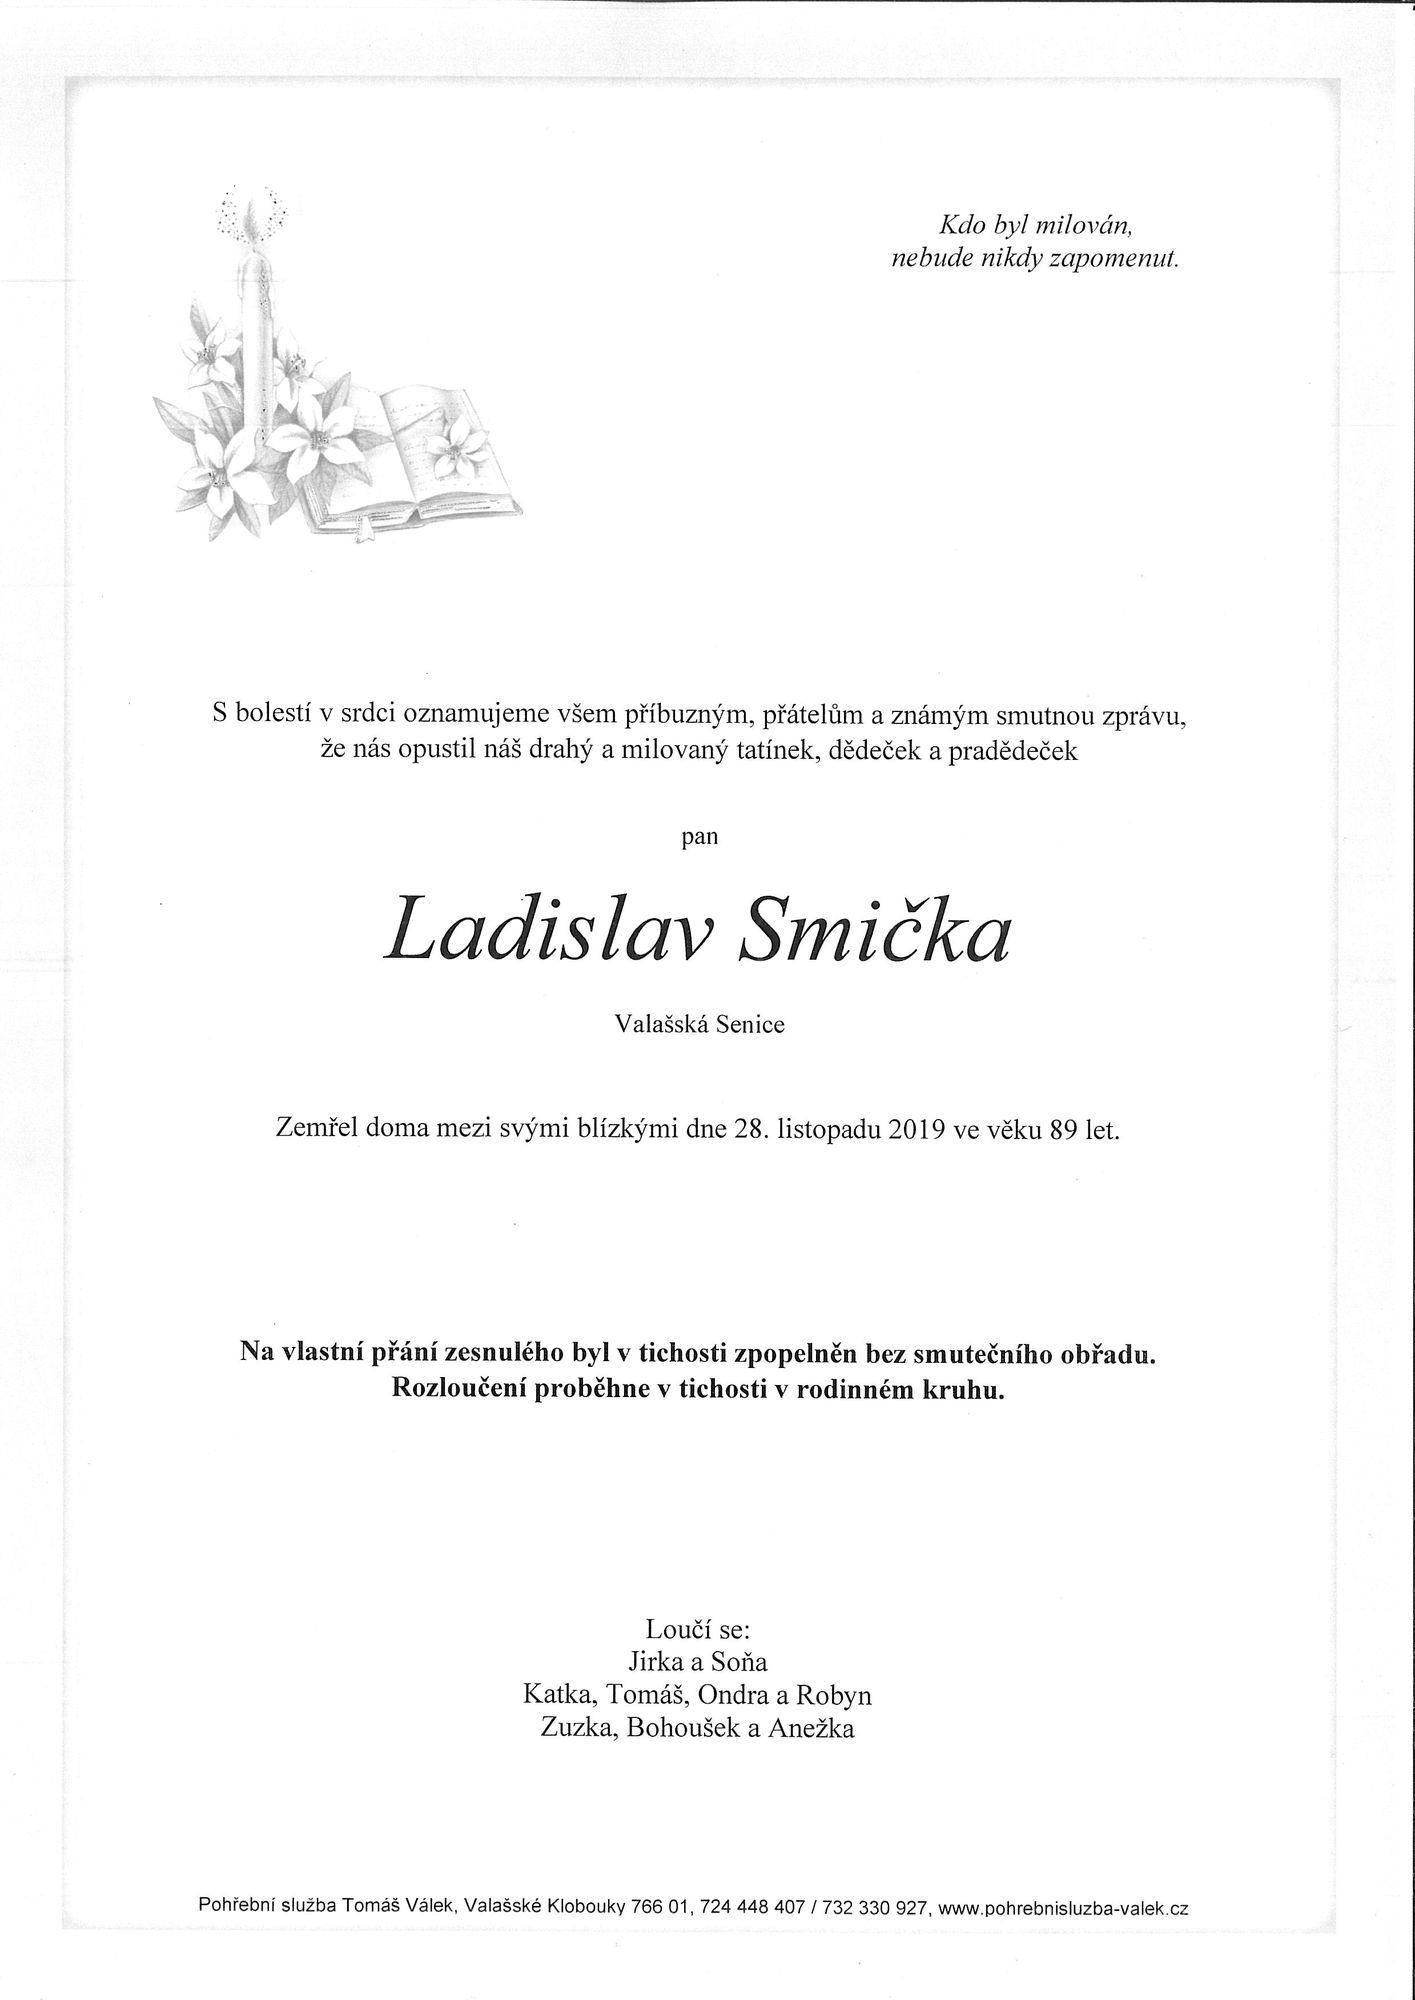 Ladislav Smička